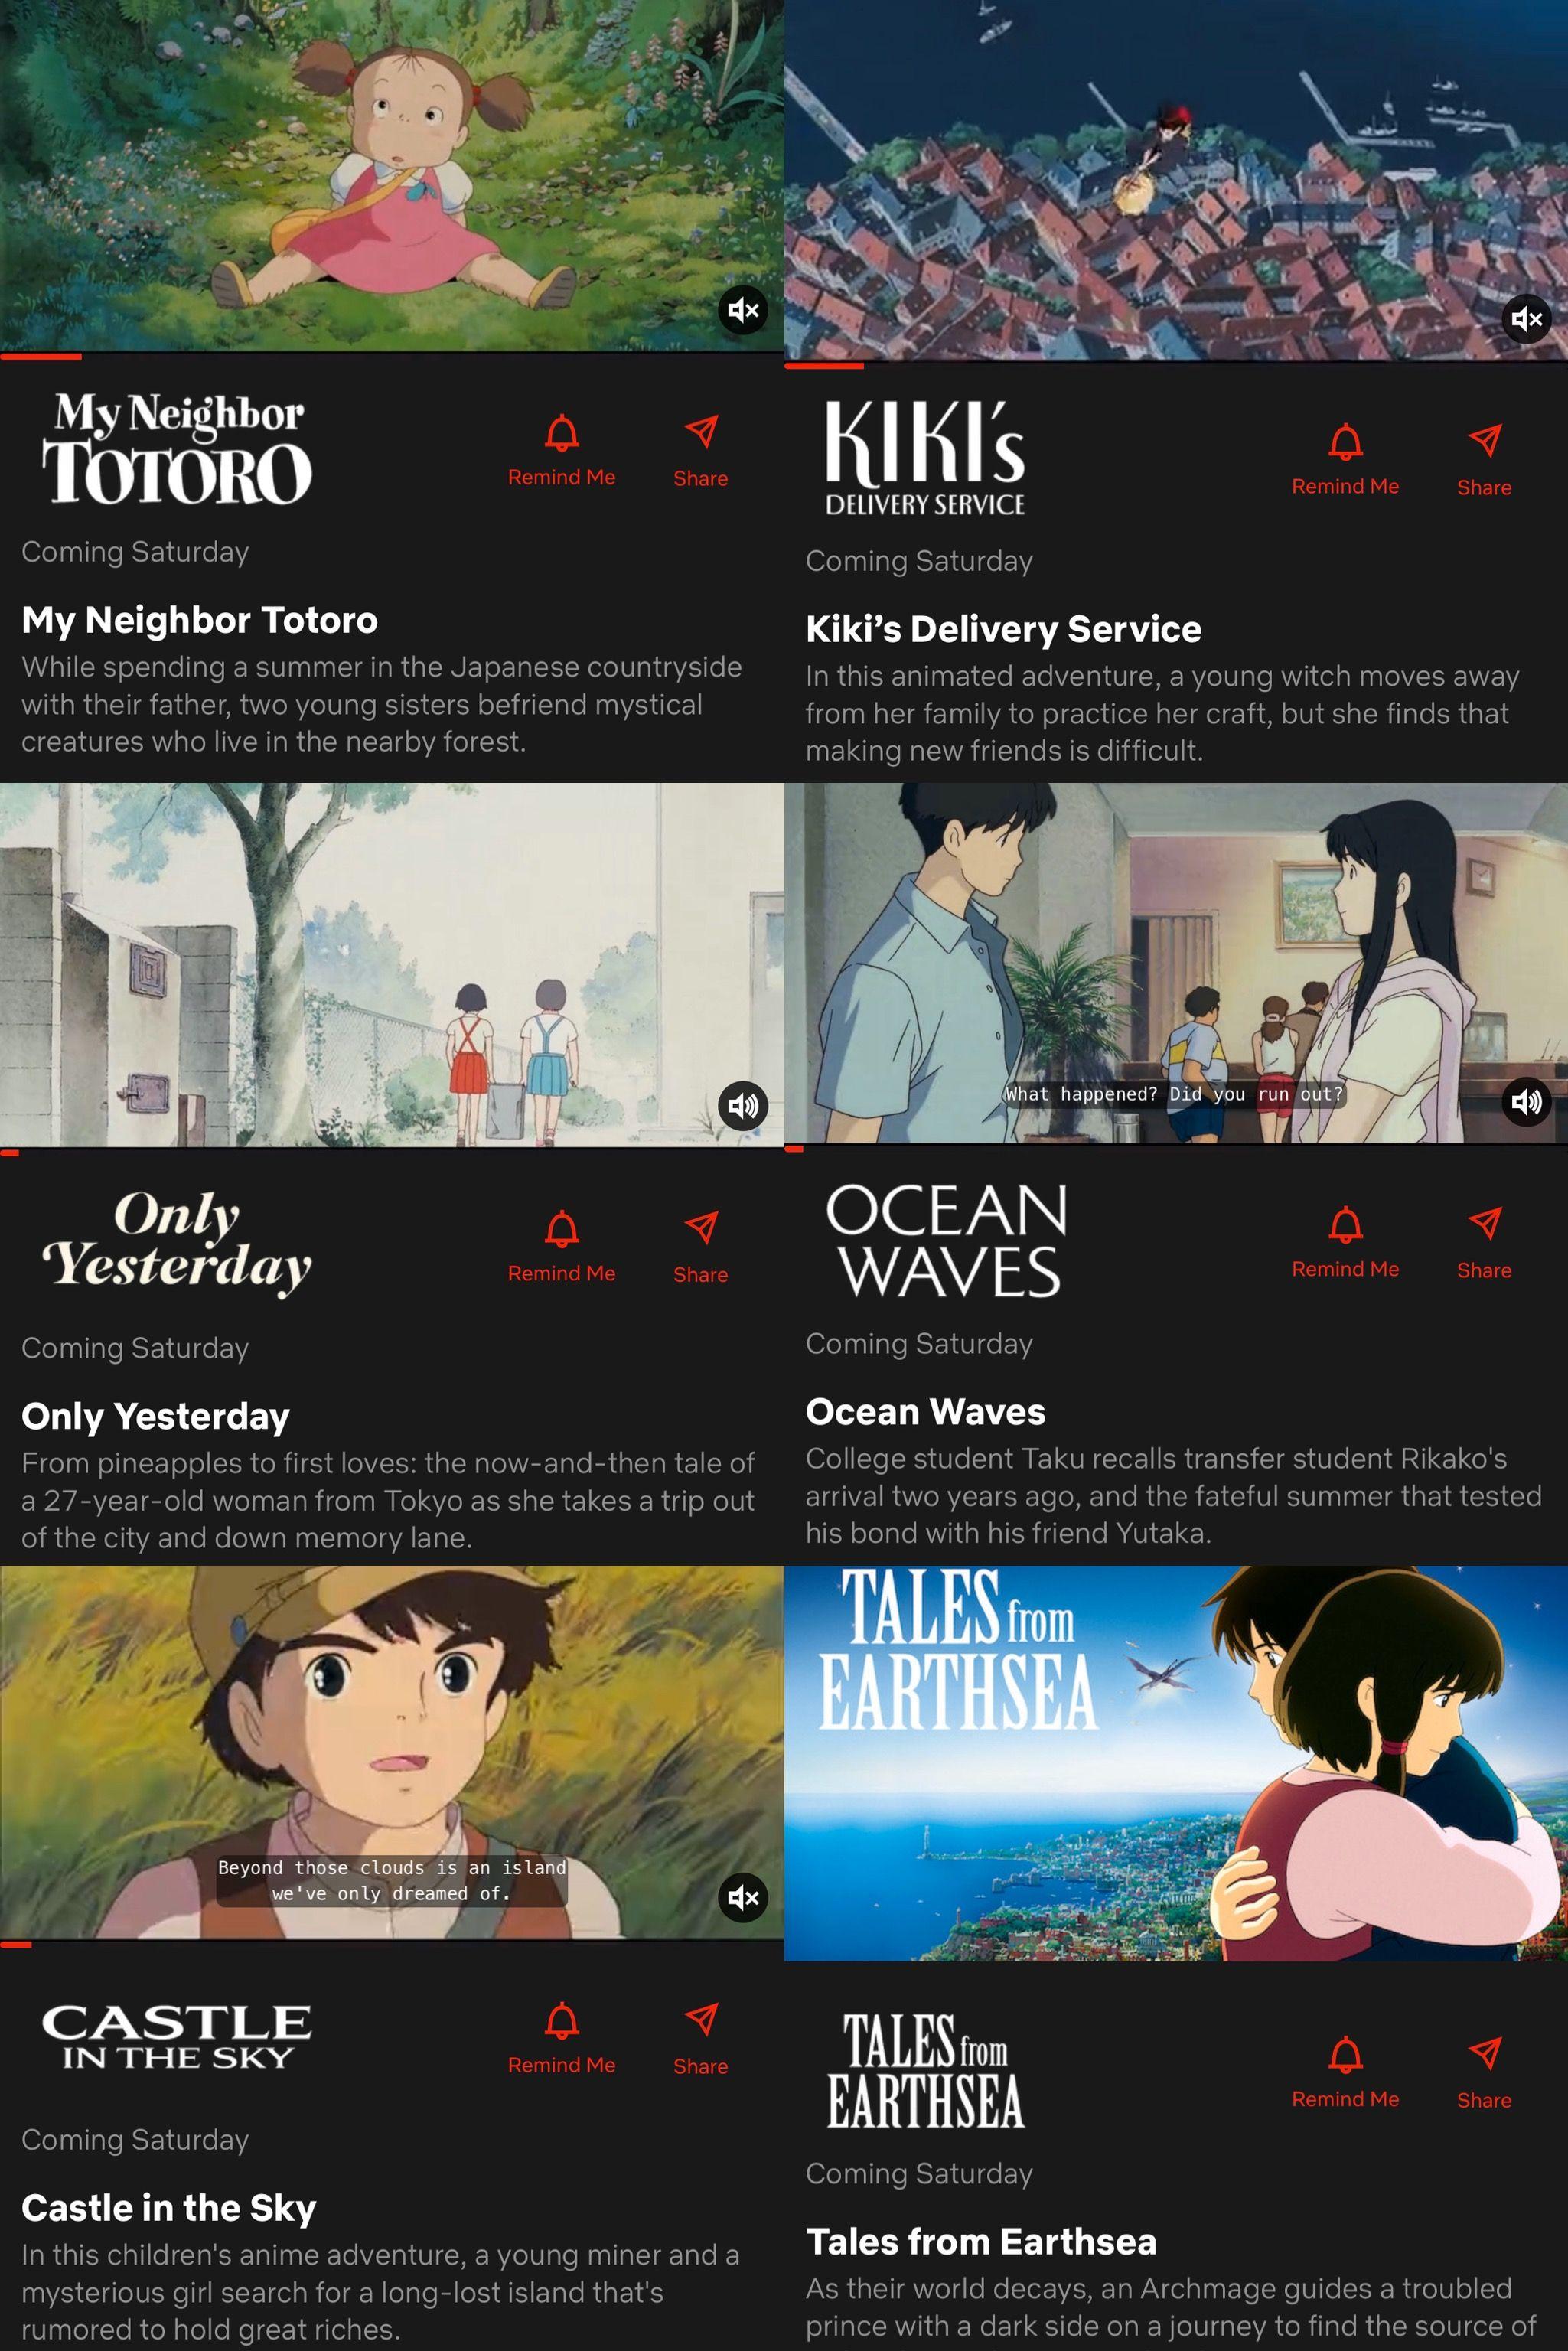 Filem2 Ghibli Yang Release Di Netflix This February Antara Semua